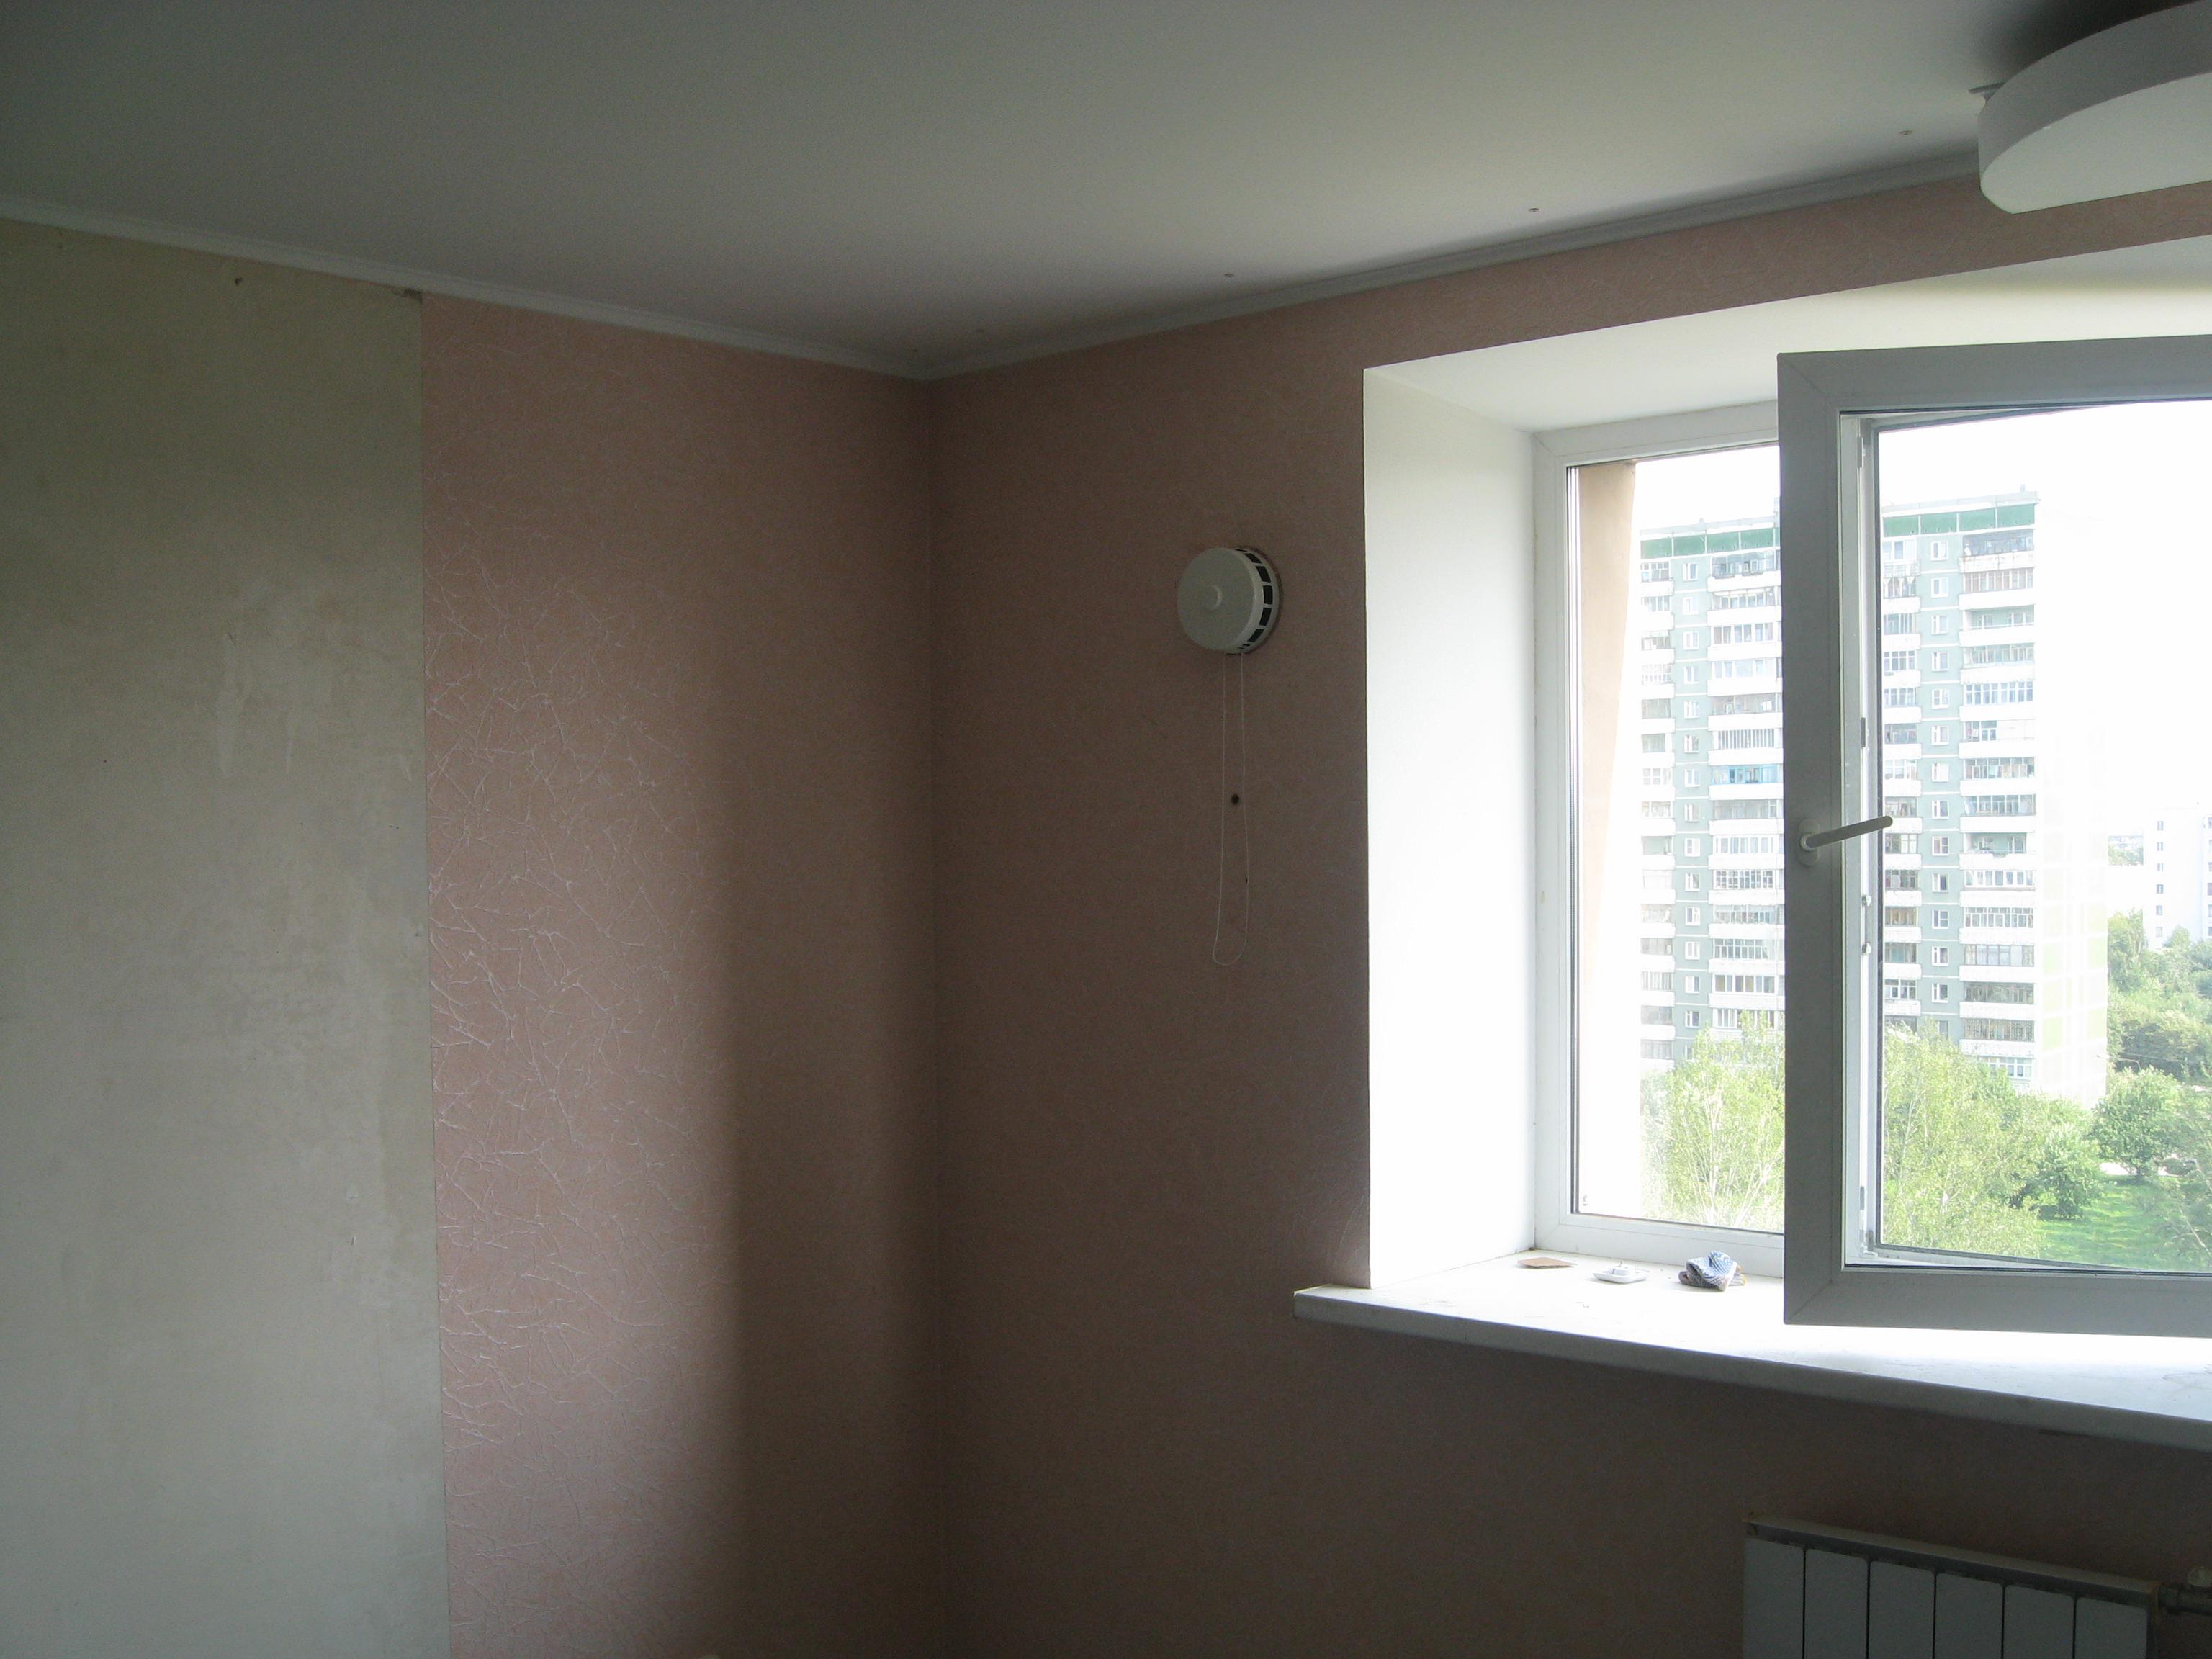 Как сделать вентиляцию в комнате без окон фото